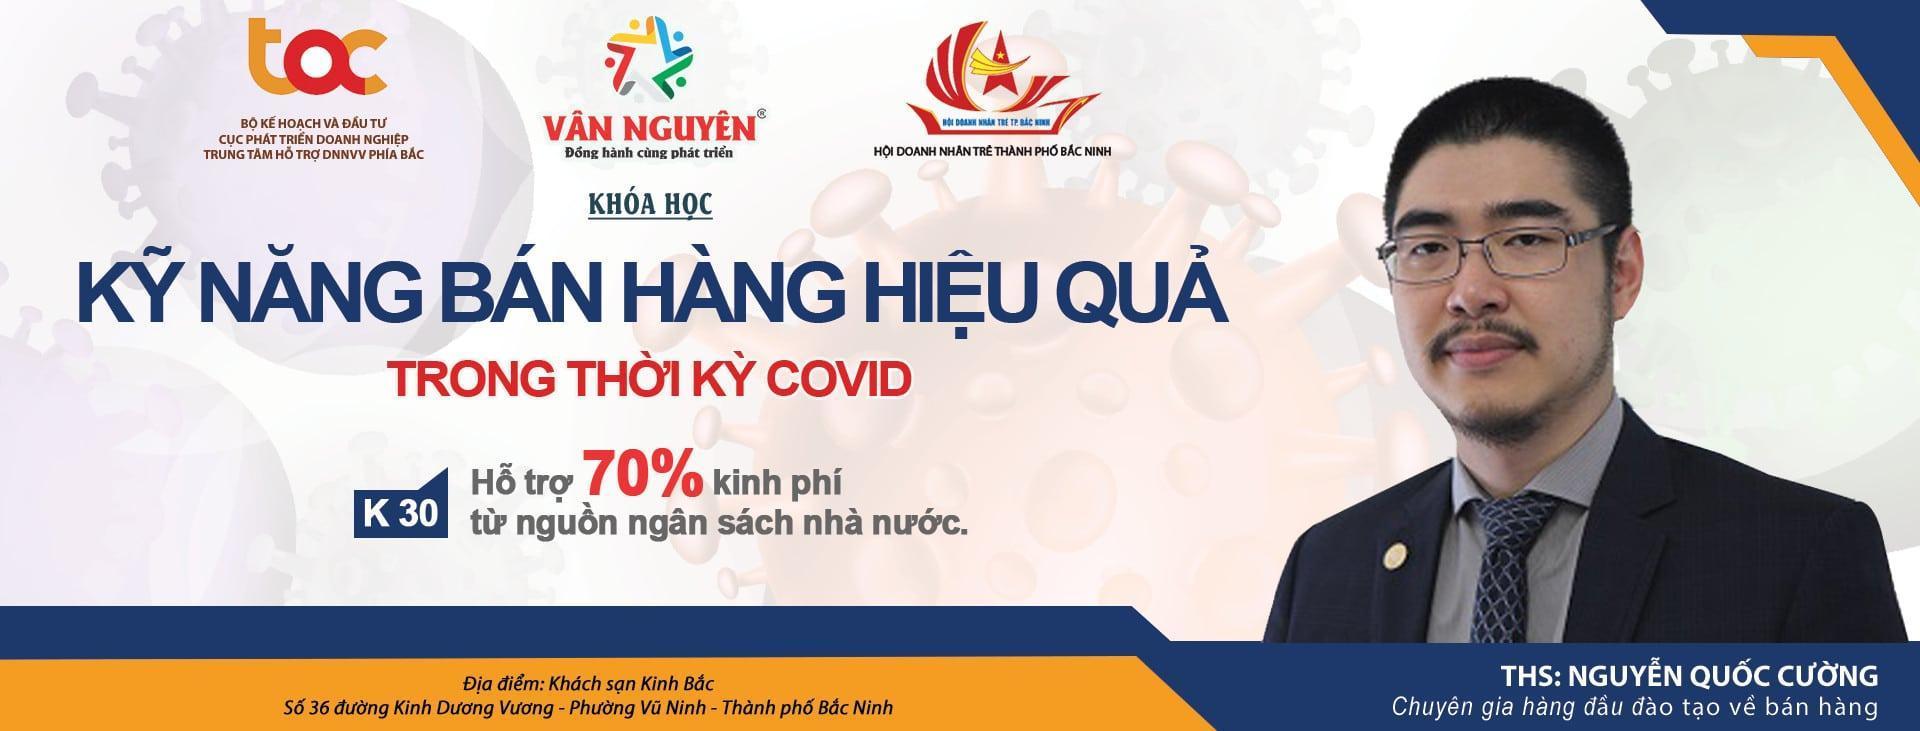 [Bắc Ninh] Sale Pro K30 – Kỹ năng bán hàng hiệu quả thời Covid